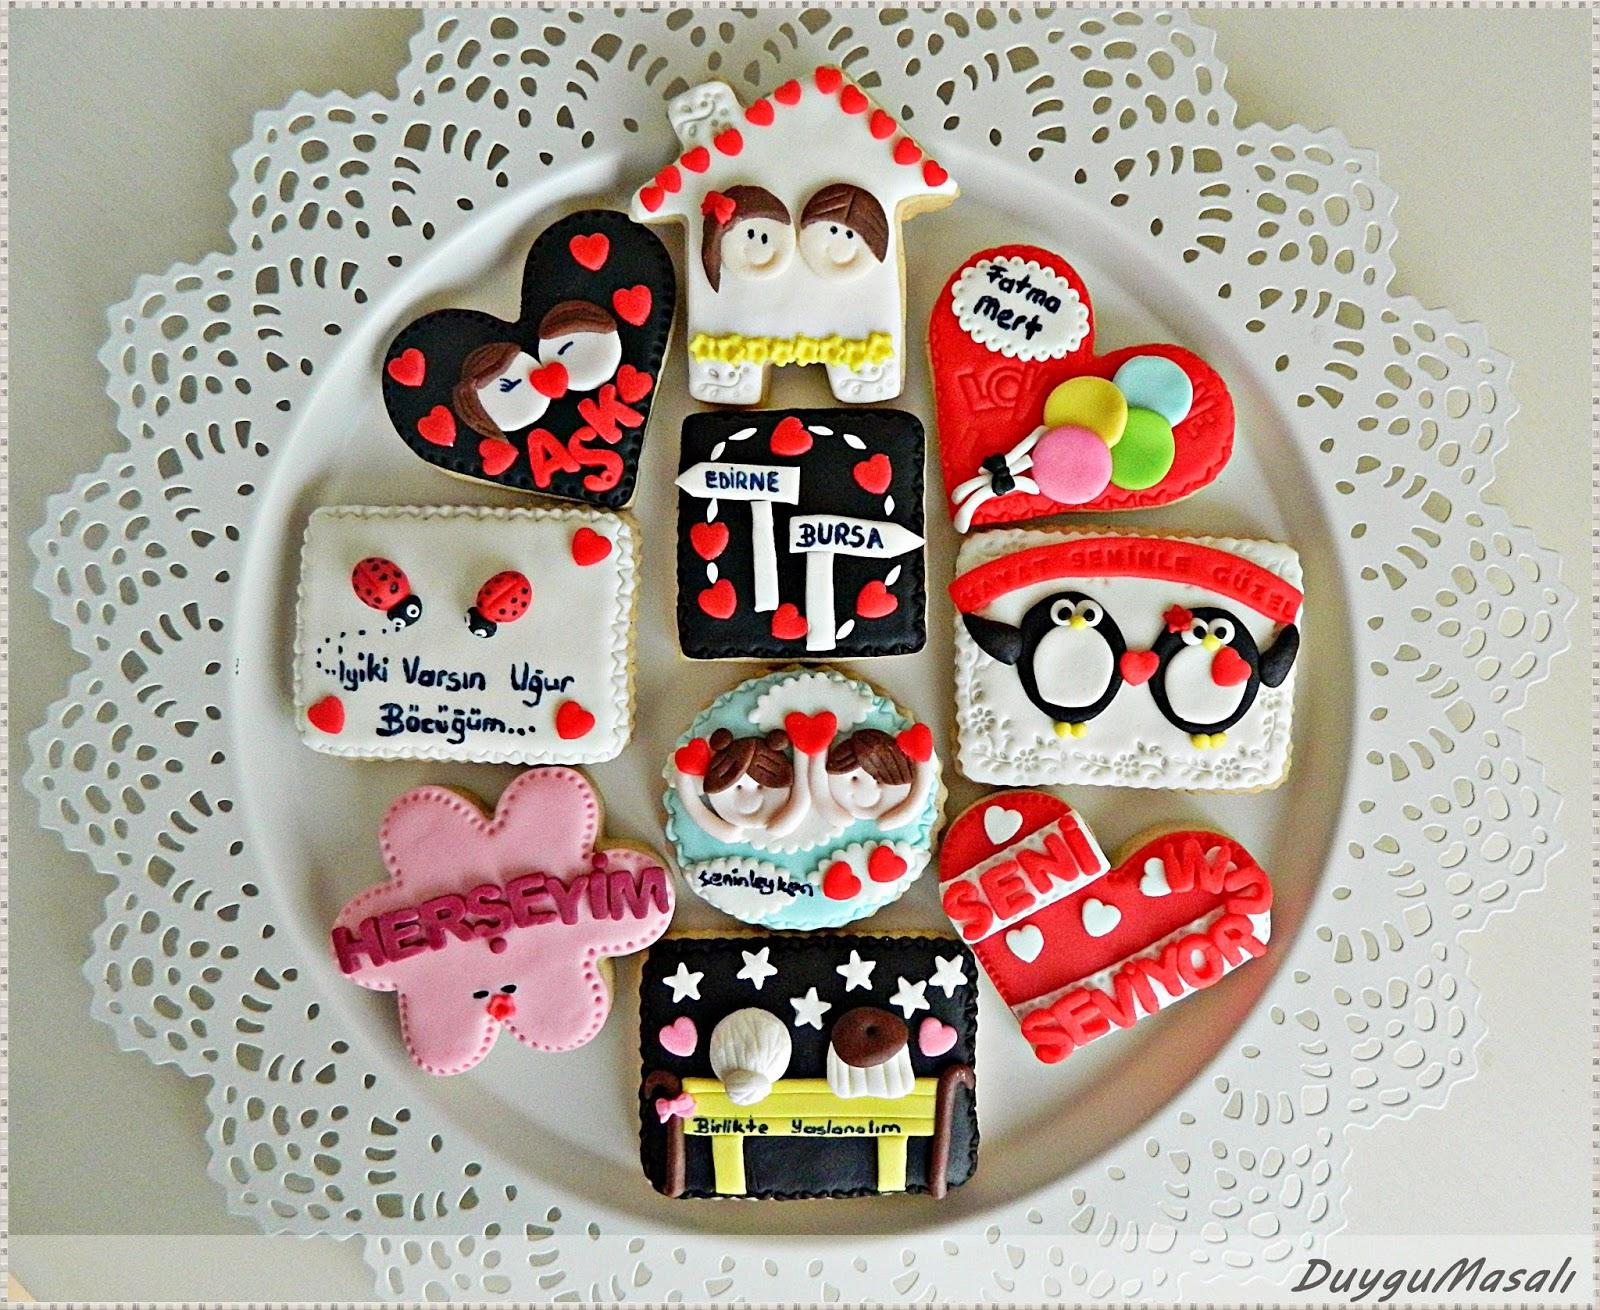 fatma hanımın sevgilisine hediye kurabiyeler